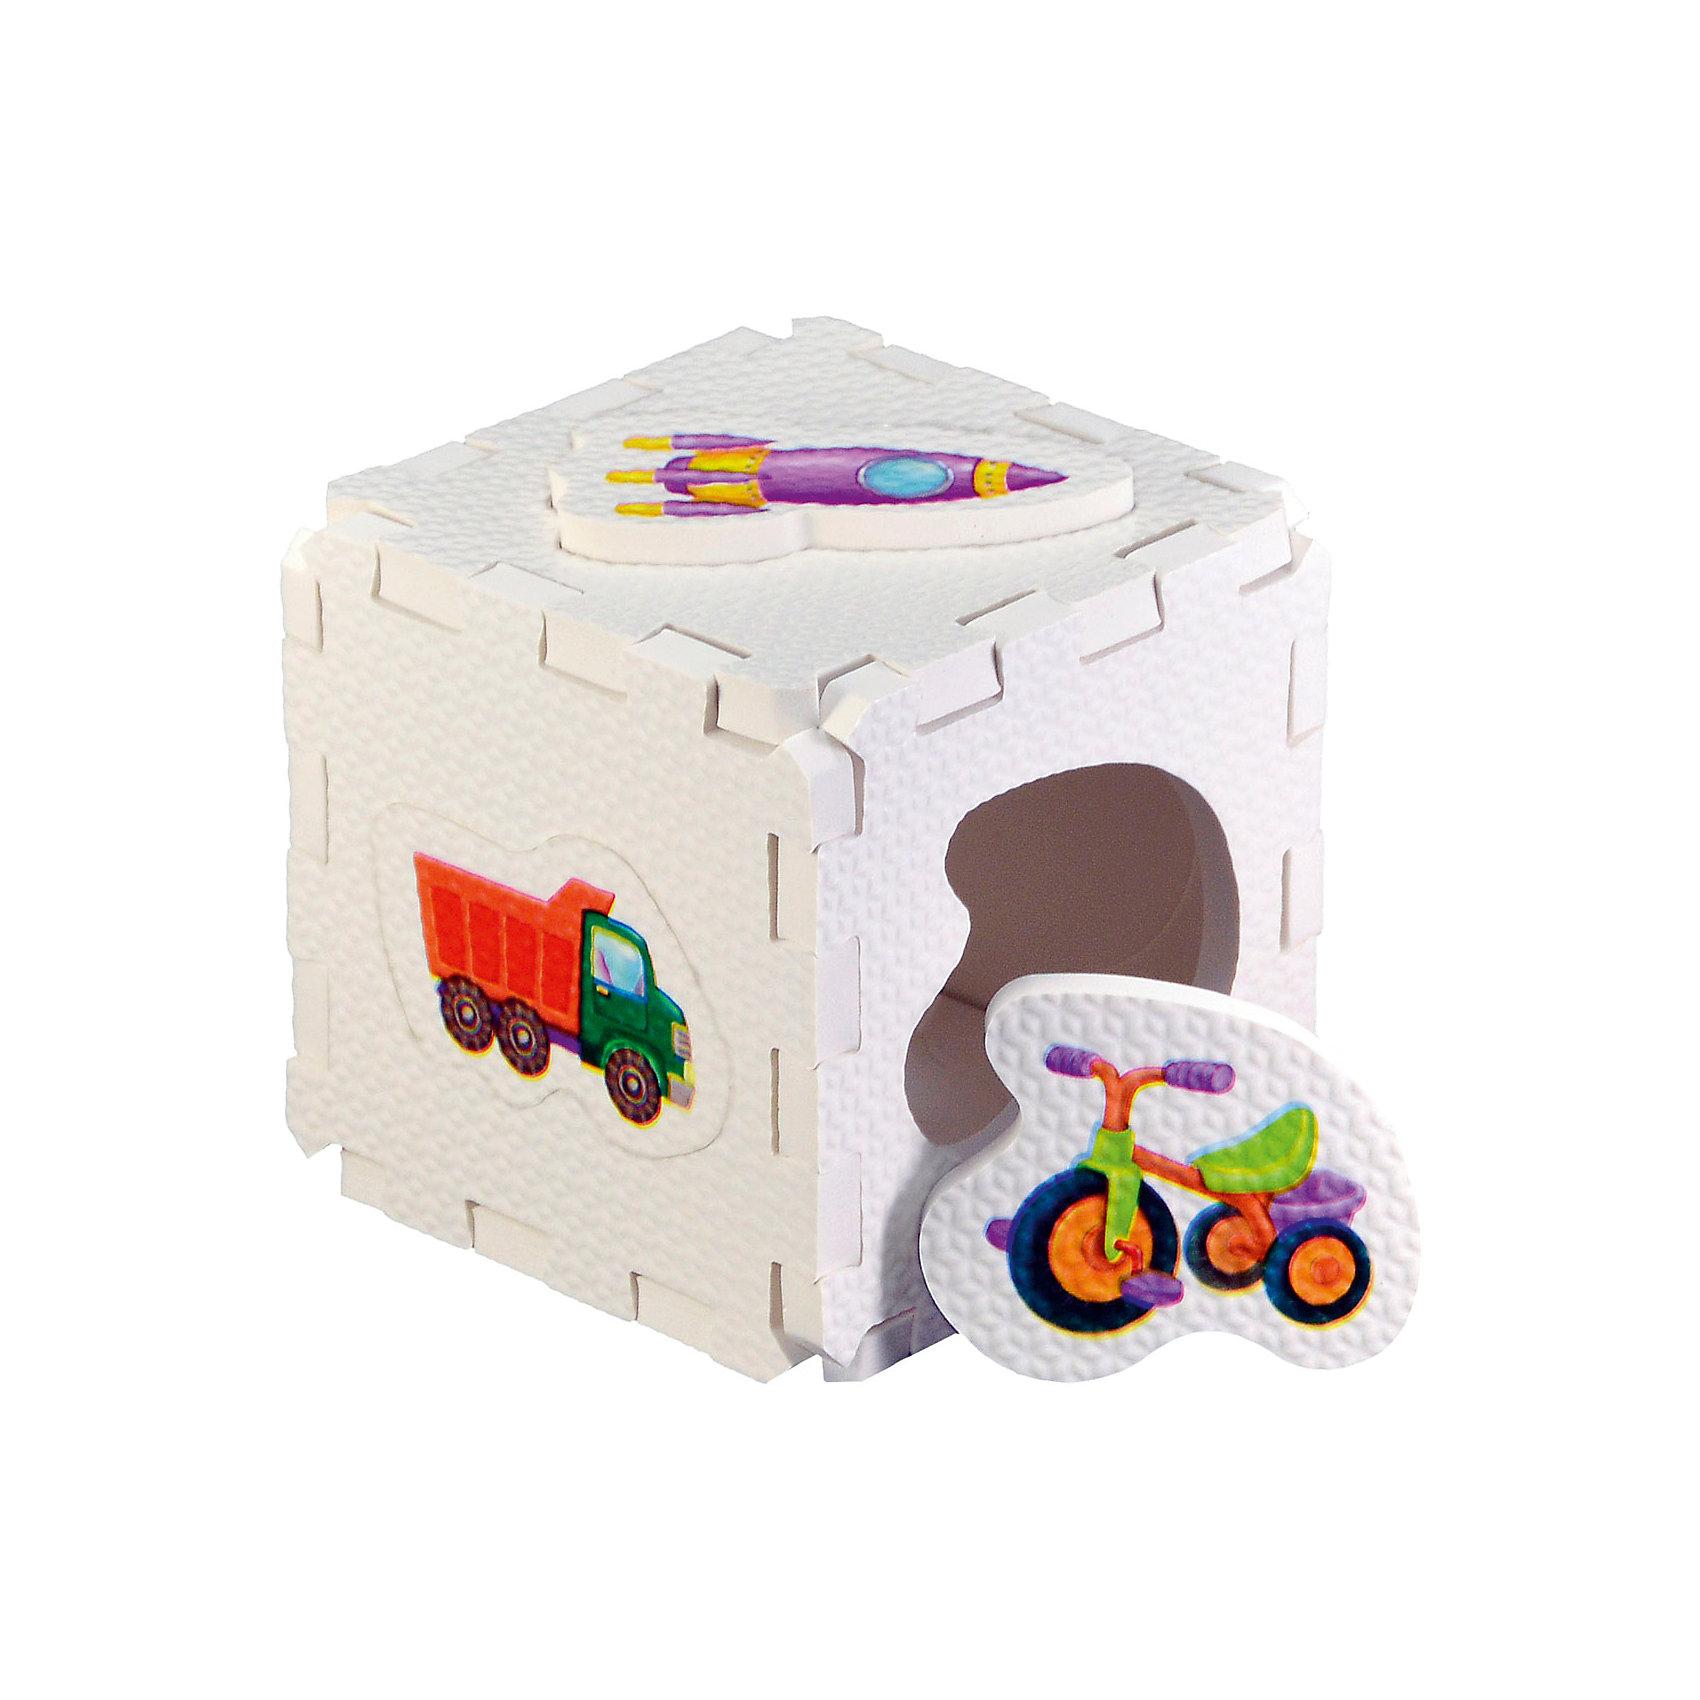 Кубик EVA - сортер Для мальчиковСортеры<br>Набор состоит из 6 больших деталей-пазлов, которые можно собрать в объёмный кубик. Собирая кубик и играя с его деталями, малыши тренируют мелкую моторику, развивают мышление, память, внимание, а также получают навыки творческого конструирования.<br>Детали-пазлы сделаны из экологически чистого и гипоаллергенного материала ЭВА (EVA), который не имеет цвета, запаха и вкуса, а значит, идеально подходит для первых развивающих игрушек и игр.<br>Особенности пазлов ЭВА открывают дополнительные возможности для различных игровых сюжетов:<br>- детали-пазлы можно грызть, мять, гнуть, сжимать и мочить, и при этом они не испортятся; <br>- с набором можно играть в воде, детали плавают и легко крепятся к кафелю и стенкам ванны; <br>- уникальная технология печати картинок на пазлах передаёт все оттенки цветов, и дети быстрее учатся узнавать нарисованные на них предметы в окружающем мире; <br>- набор идеально подходит для развития детской моторики, сенсорики, навыков конструирования; <br>- детали-пазлы из разных наборов подходят к друг другу, вы легко можете комбинировать разные наборы.<br><br>Дополнительная информация:<br><br>- Материал: ЭВА.<br>- Размер: 25,5х24 см. <br>- Толщина детали-пазла: 3 см. <br>- Комплектация: 6 деталей.<br>- Детали-пазлы подходят к другим наборам. <br>- Используются стойкие гипоаллергенный красители.<br>- Подходит для игр в воде. <br><br>Кубик EVA - сортер Для мальчиков можно купить в нашем магазине.<br><br>Ширина мм: 255<br>Глубина мм: 240<br>Высота мм: 10<br>Вес г: 72<br>Возраст от месяцев: 6<br>Возраст до месяцев: 36<br>Пол: Мужской<br>Возраст: Детский<br>SKU: 4545583